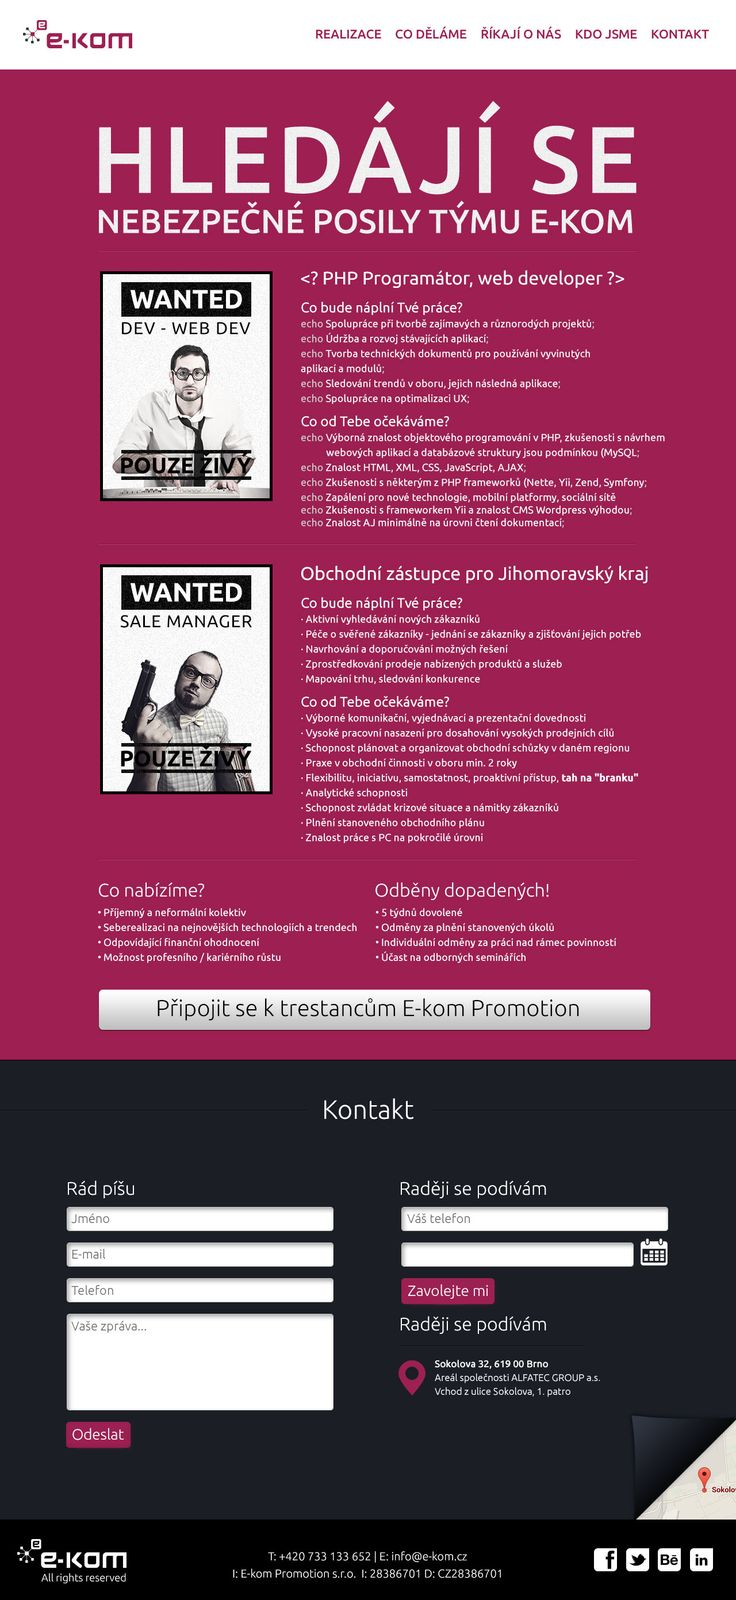 E-kom Promotion